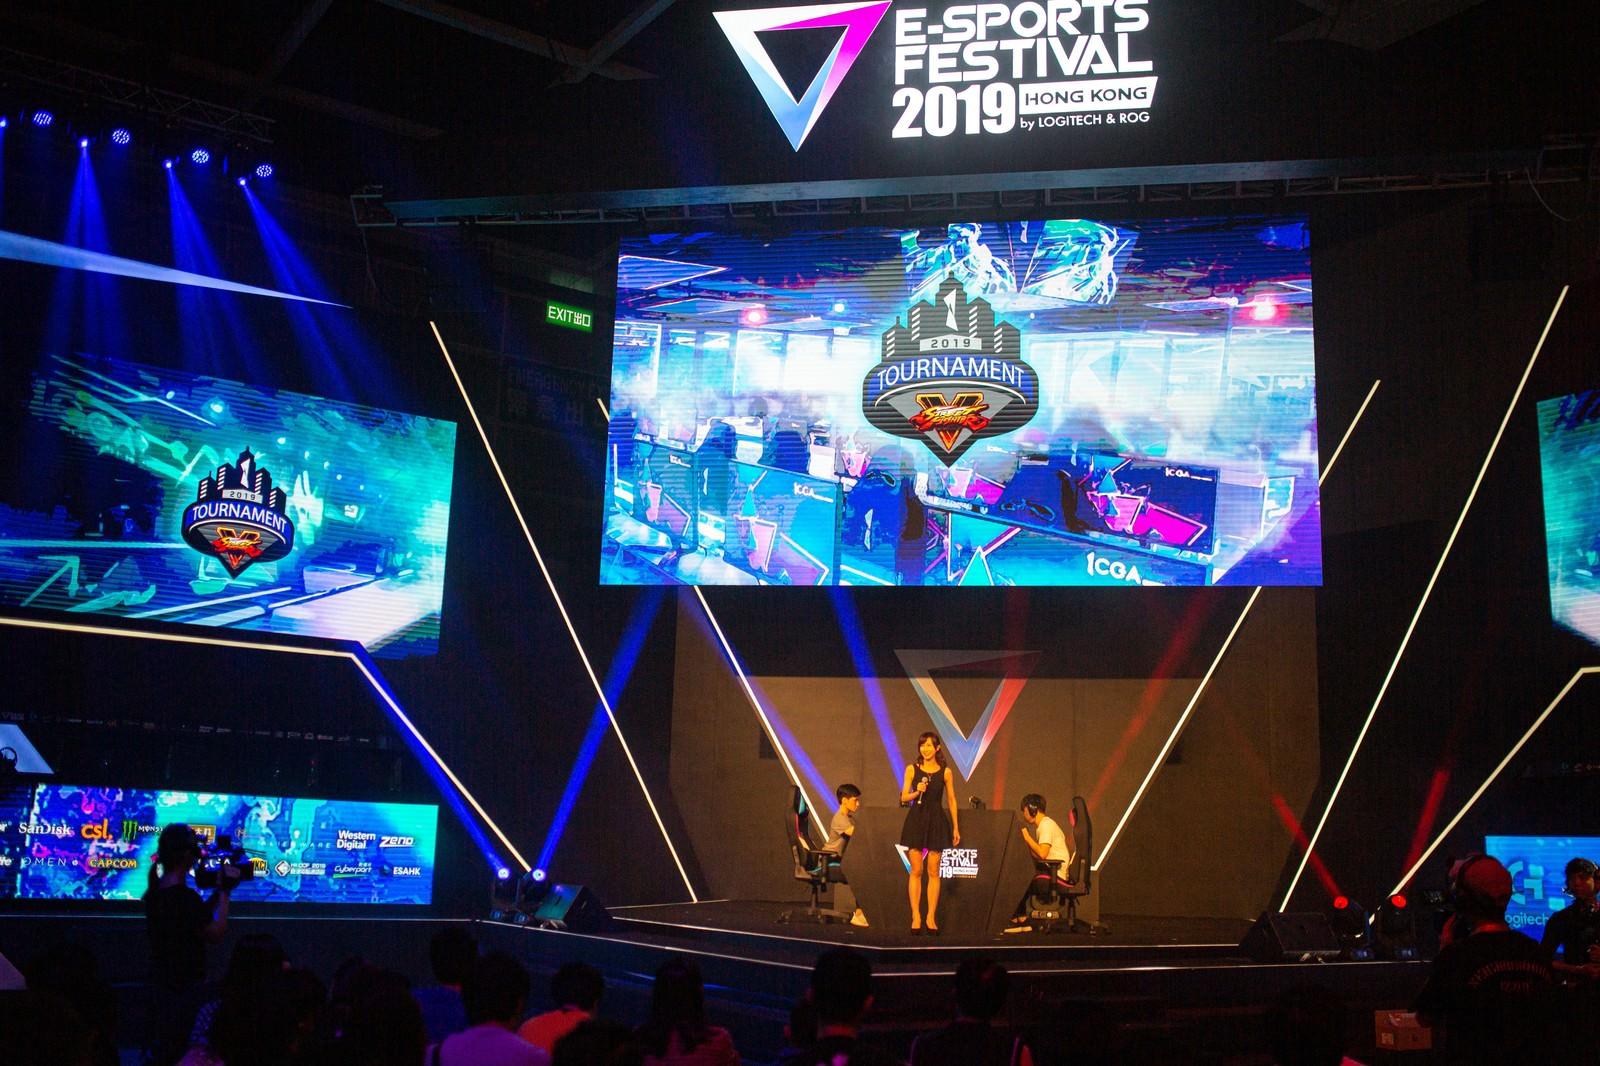 「STREET FIGHTER V 2019 TOURNAMENT by E-SPORTS FESTIVAL 2019 HONG KONG」の写真